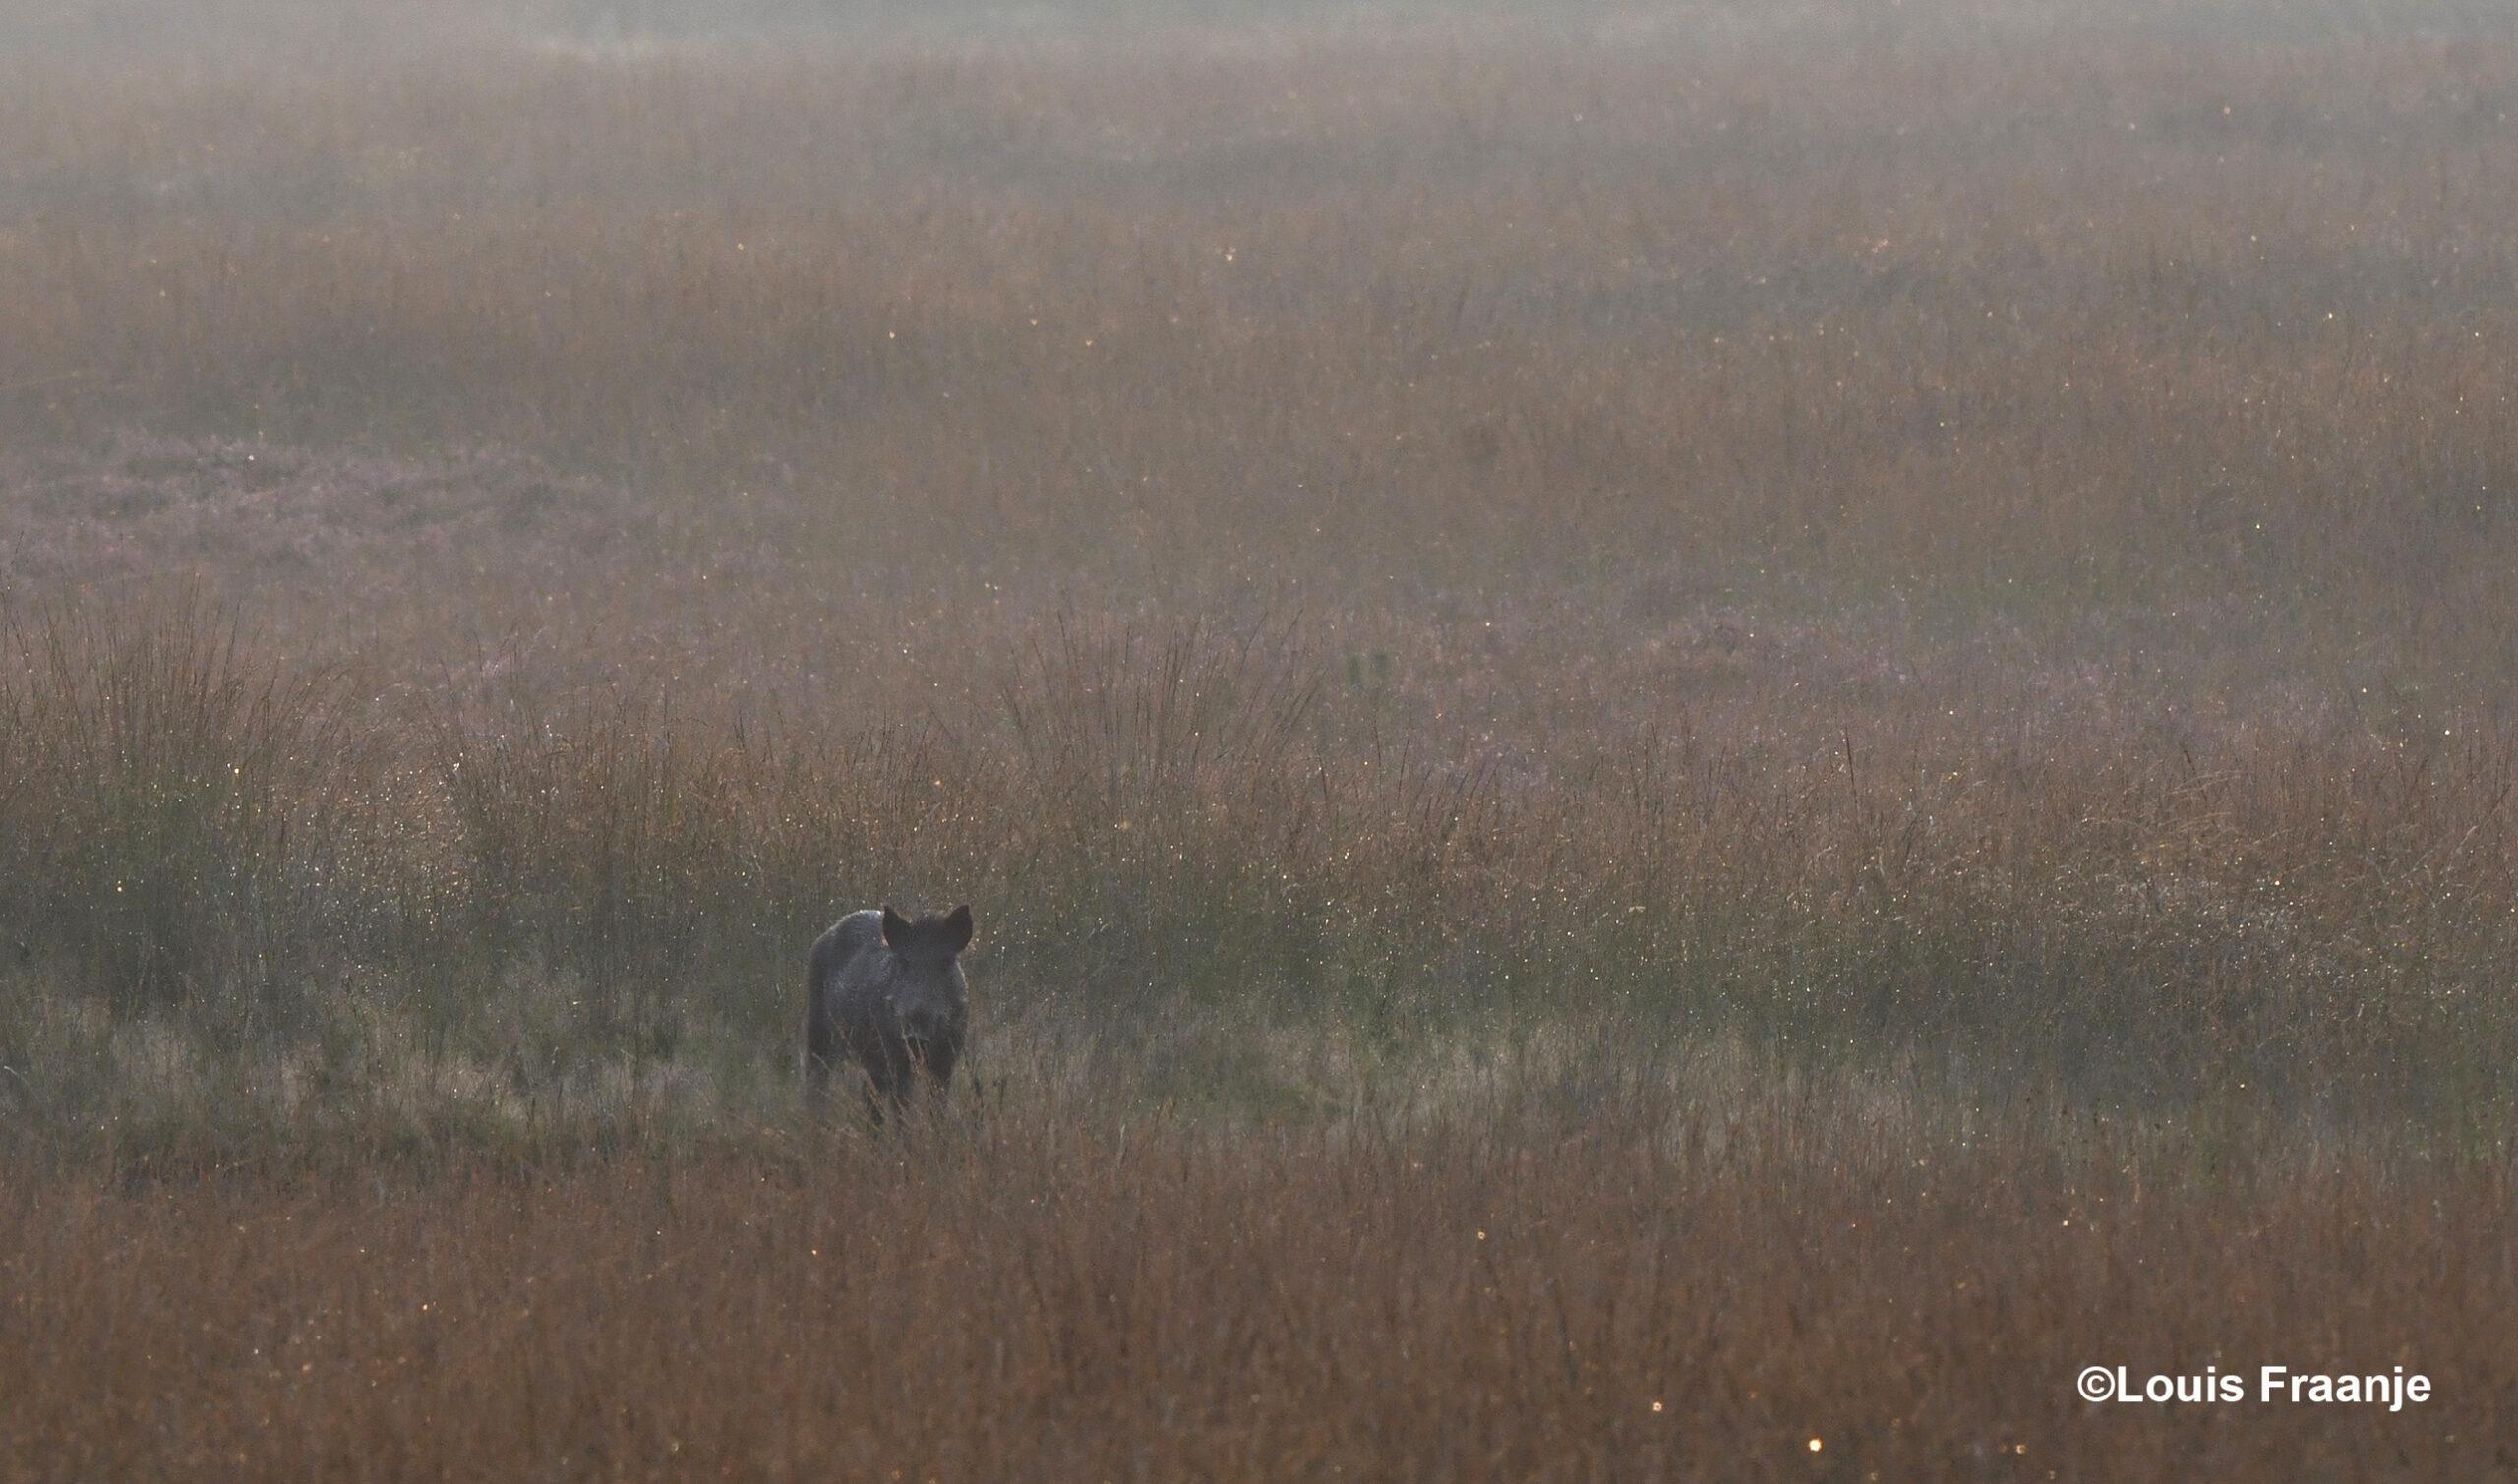 Na verloop van tijd verschijnt er een wild zwijn op het toneel - Foto: ©Louis Fraanje